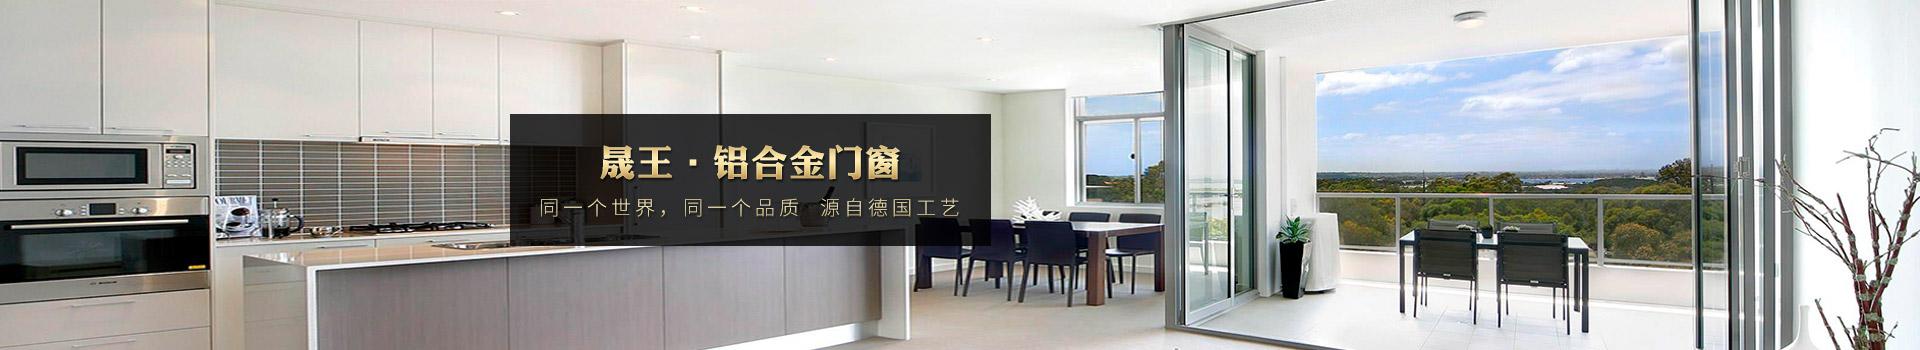 晟王门窗铝合金门窗-同一个世界,同一个品质  源自德国工艺